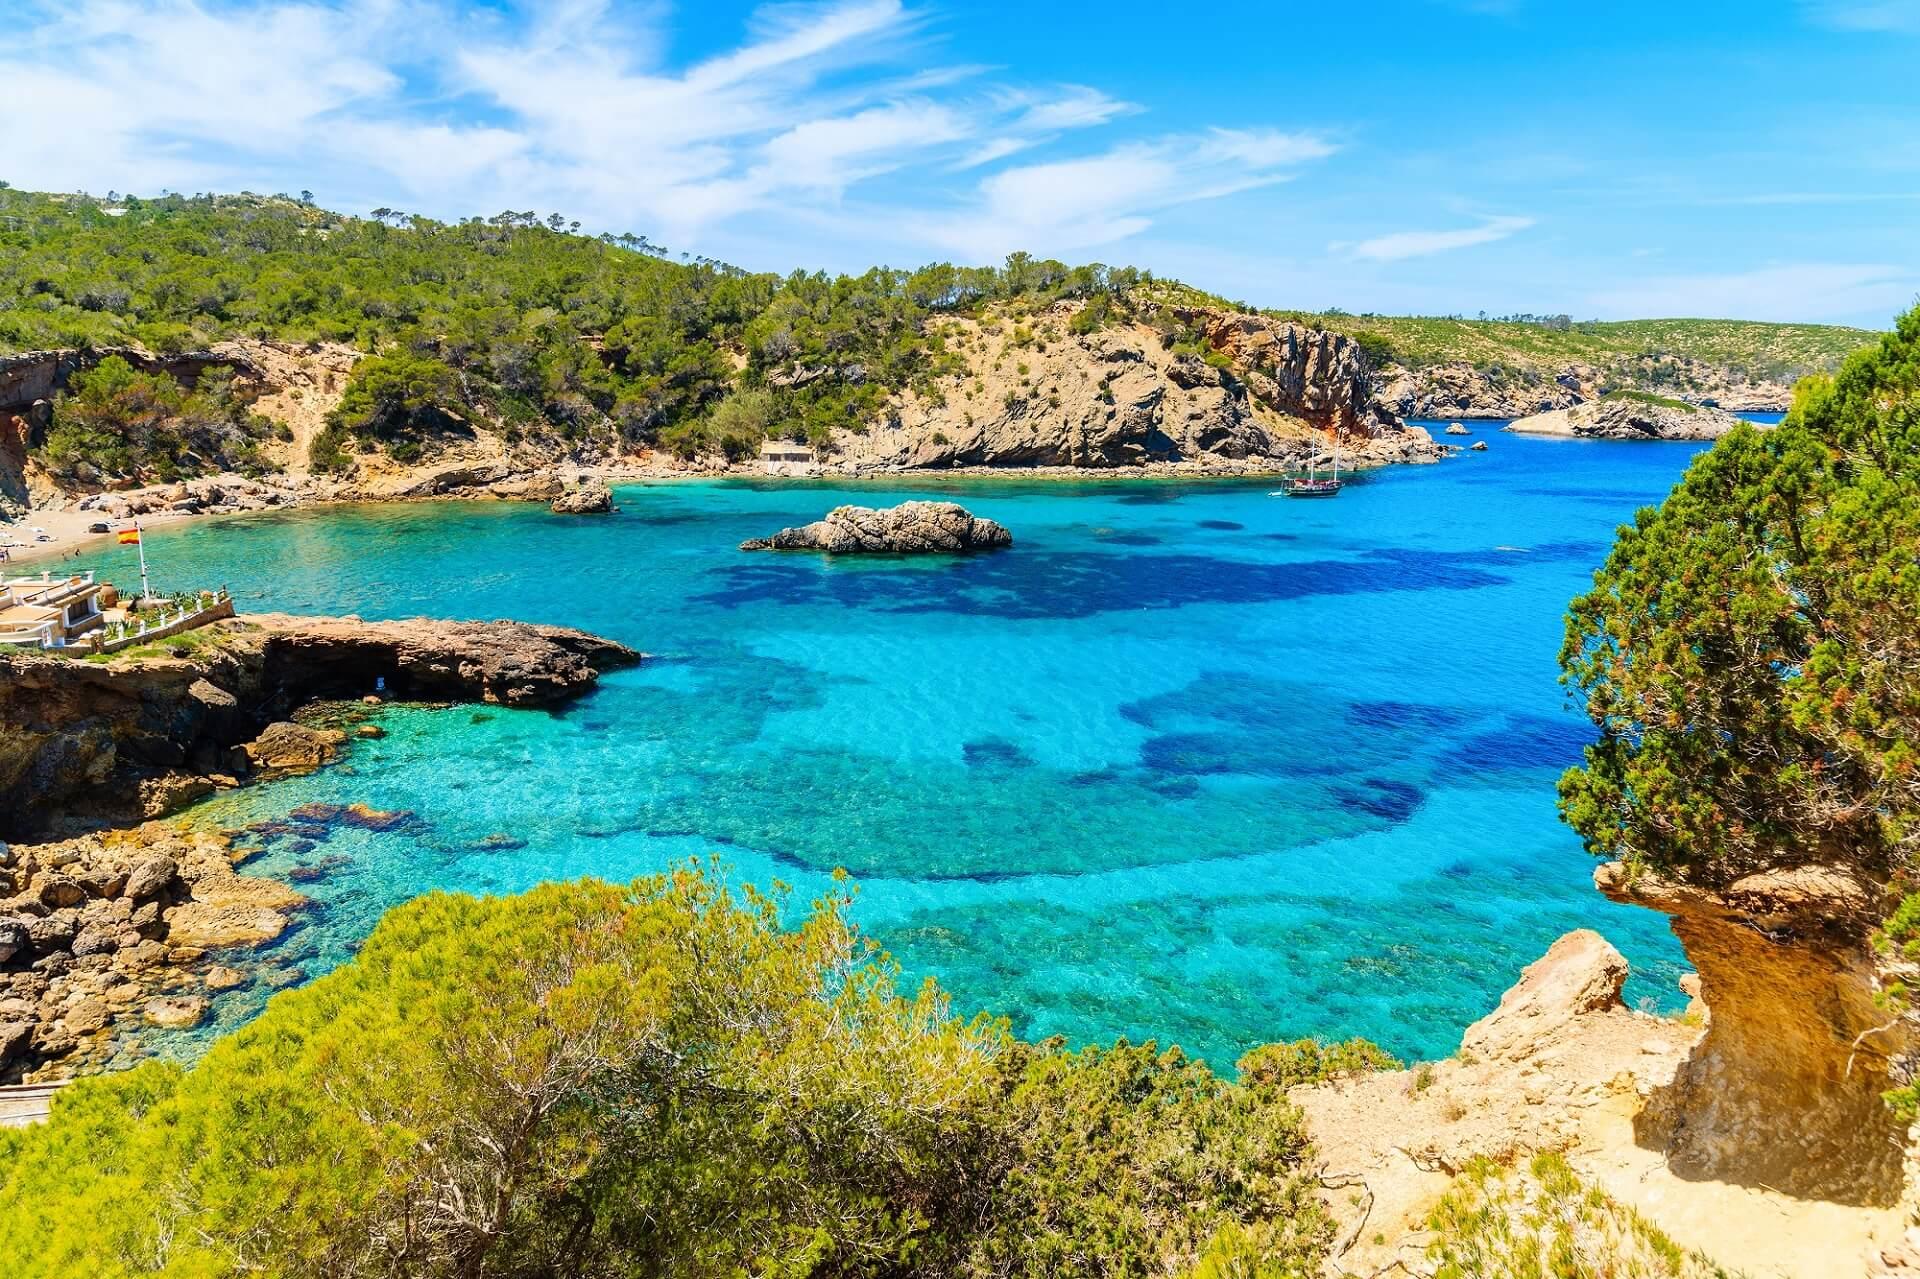 Die Bucht Cala Xarraca zählt zu den schönsten Stränden Ibizas